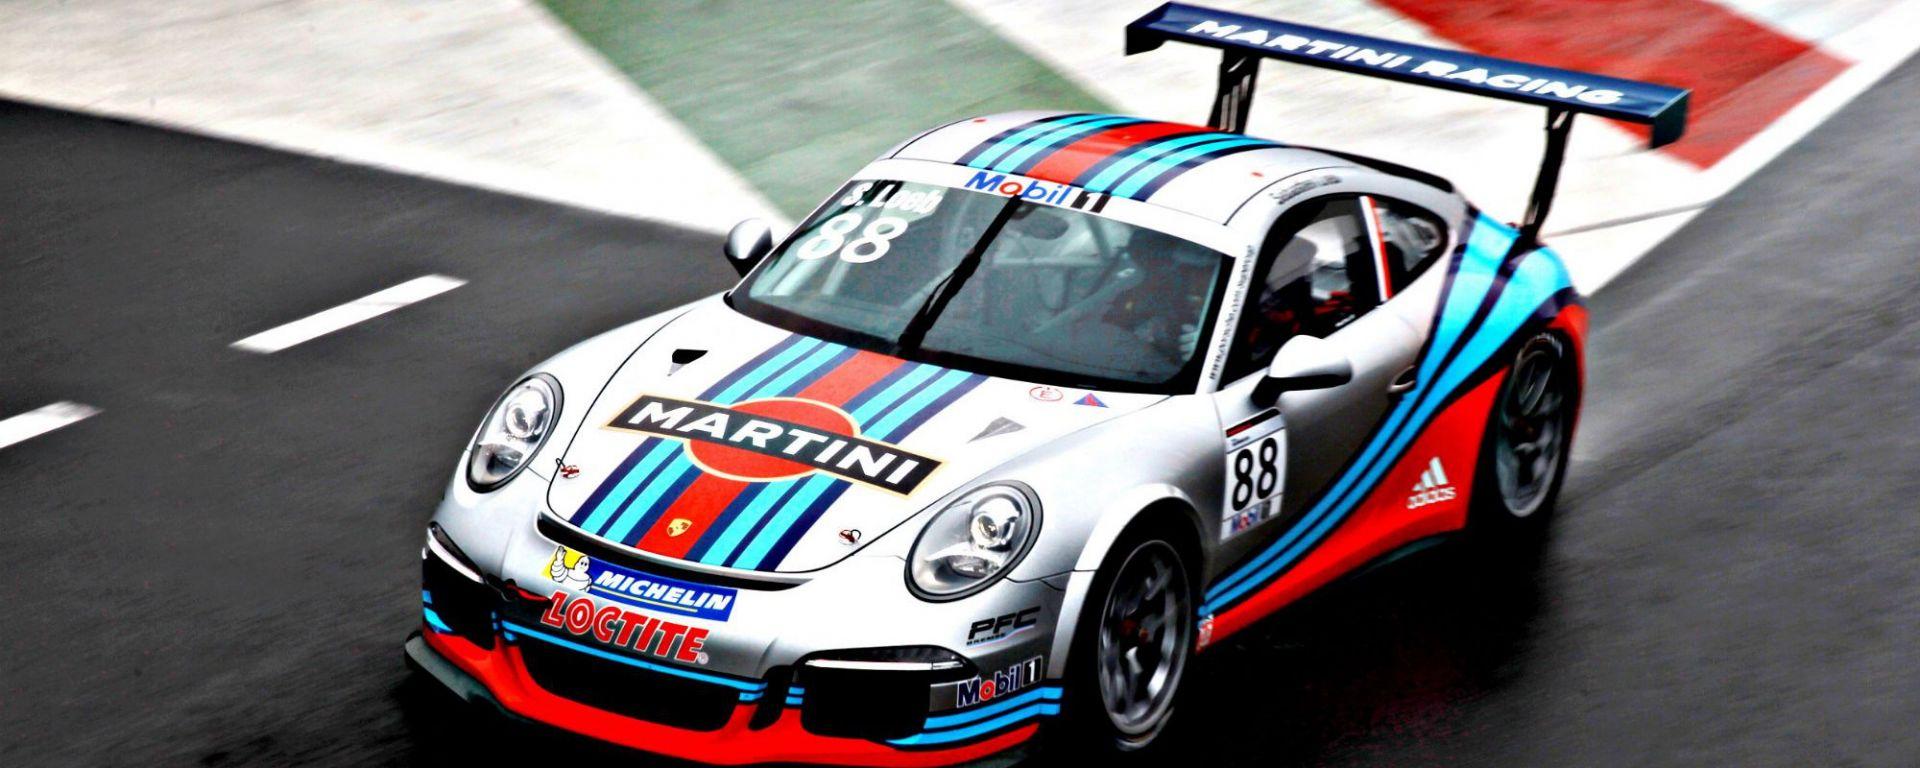 Porsche Carrera Cup, le novità del 2016